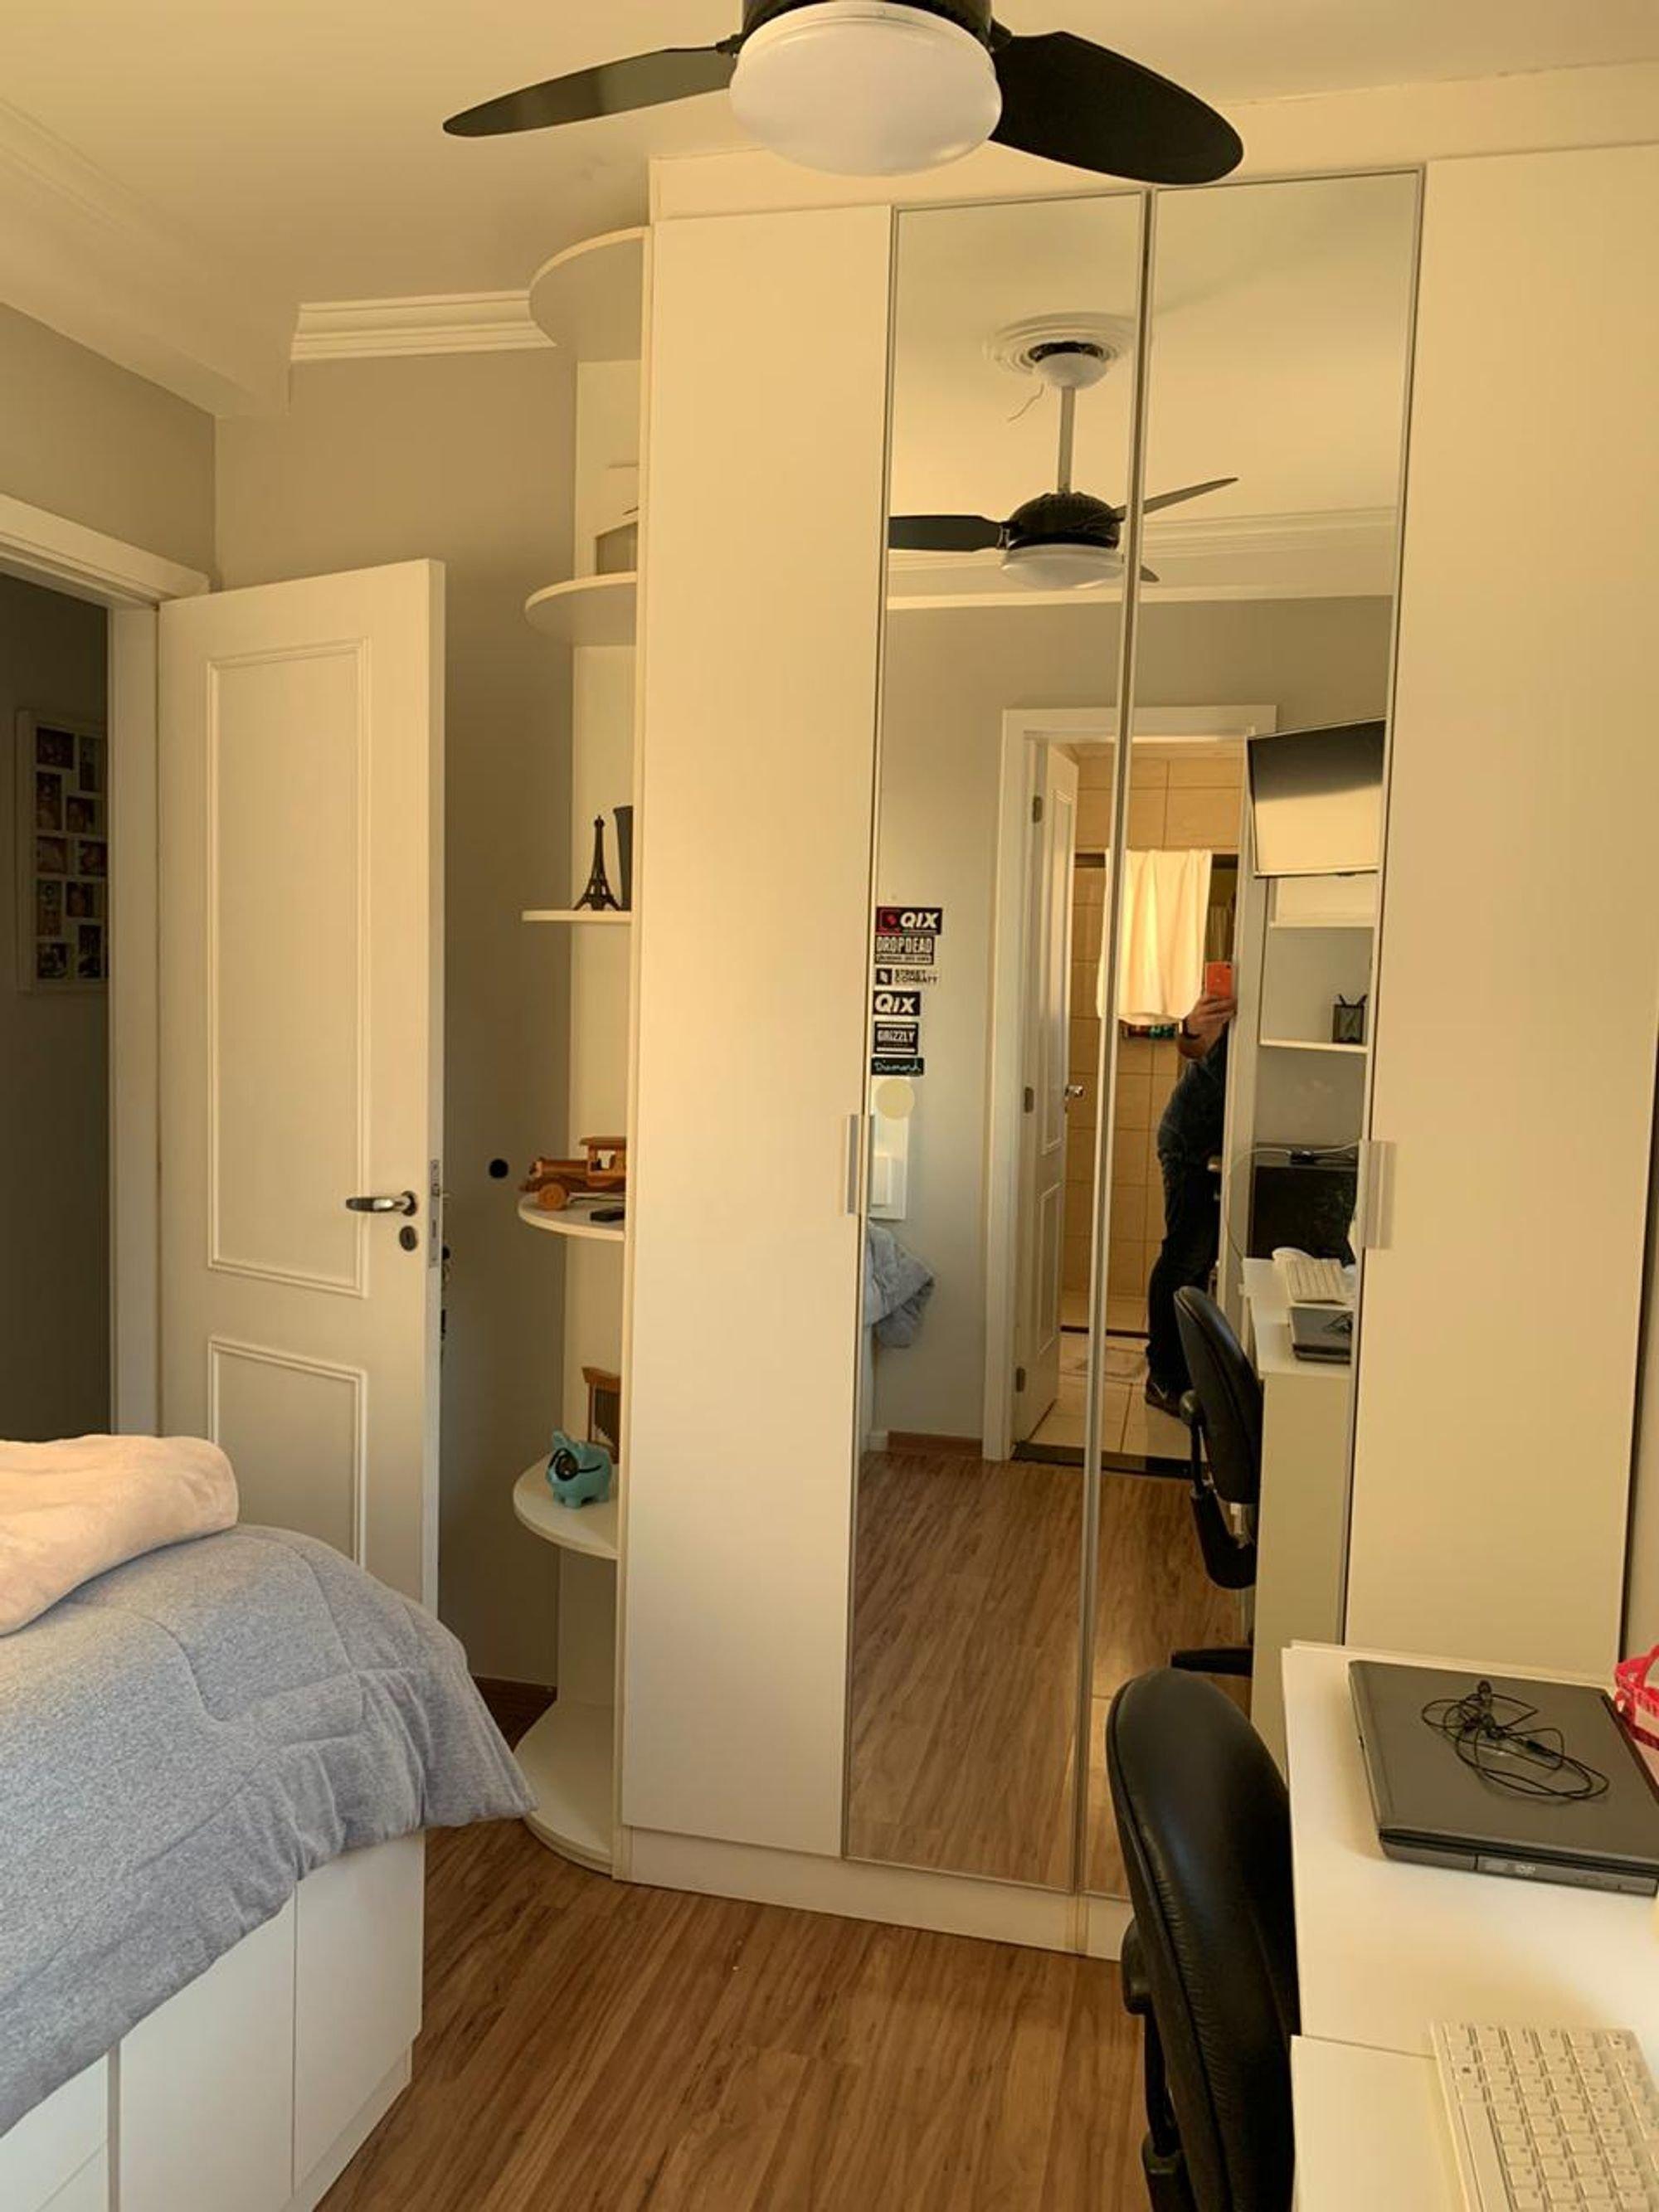 Foto de Quarto com cama, teclado, pessoa, cadeira